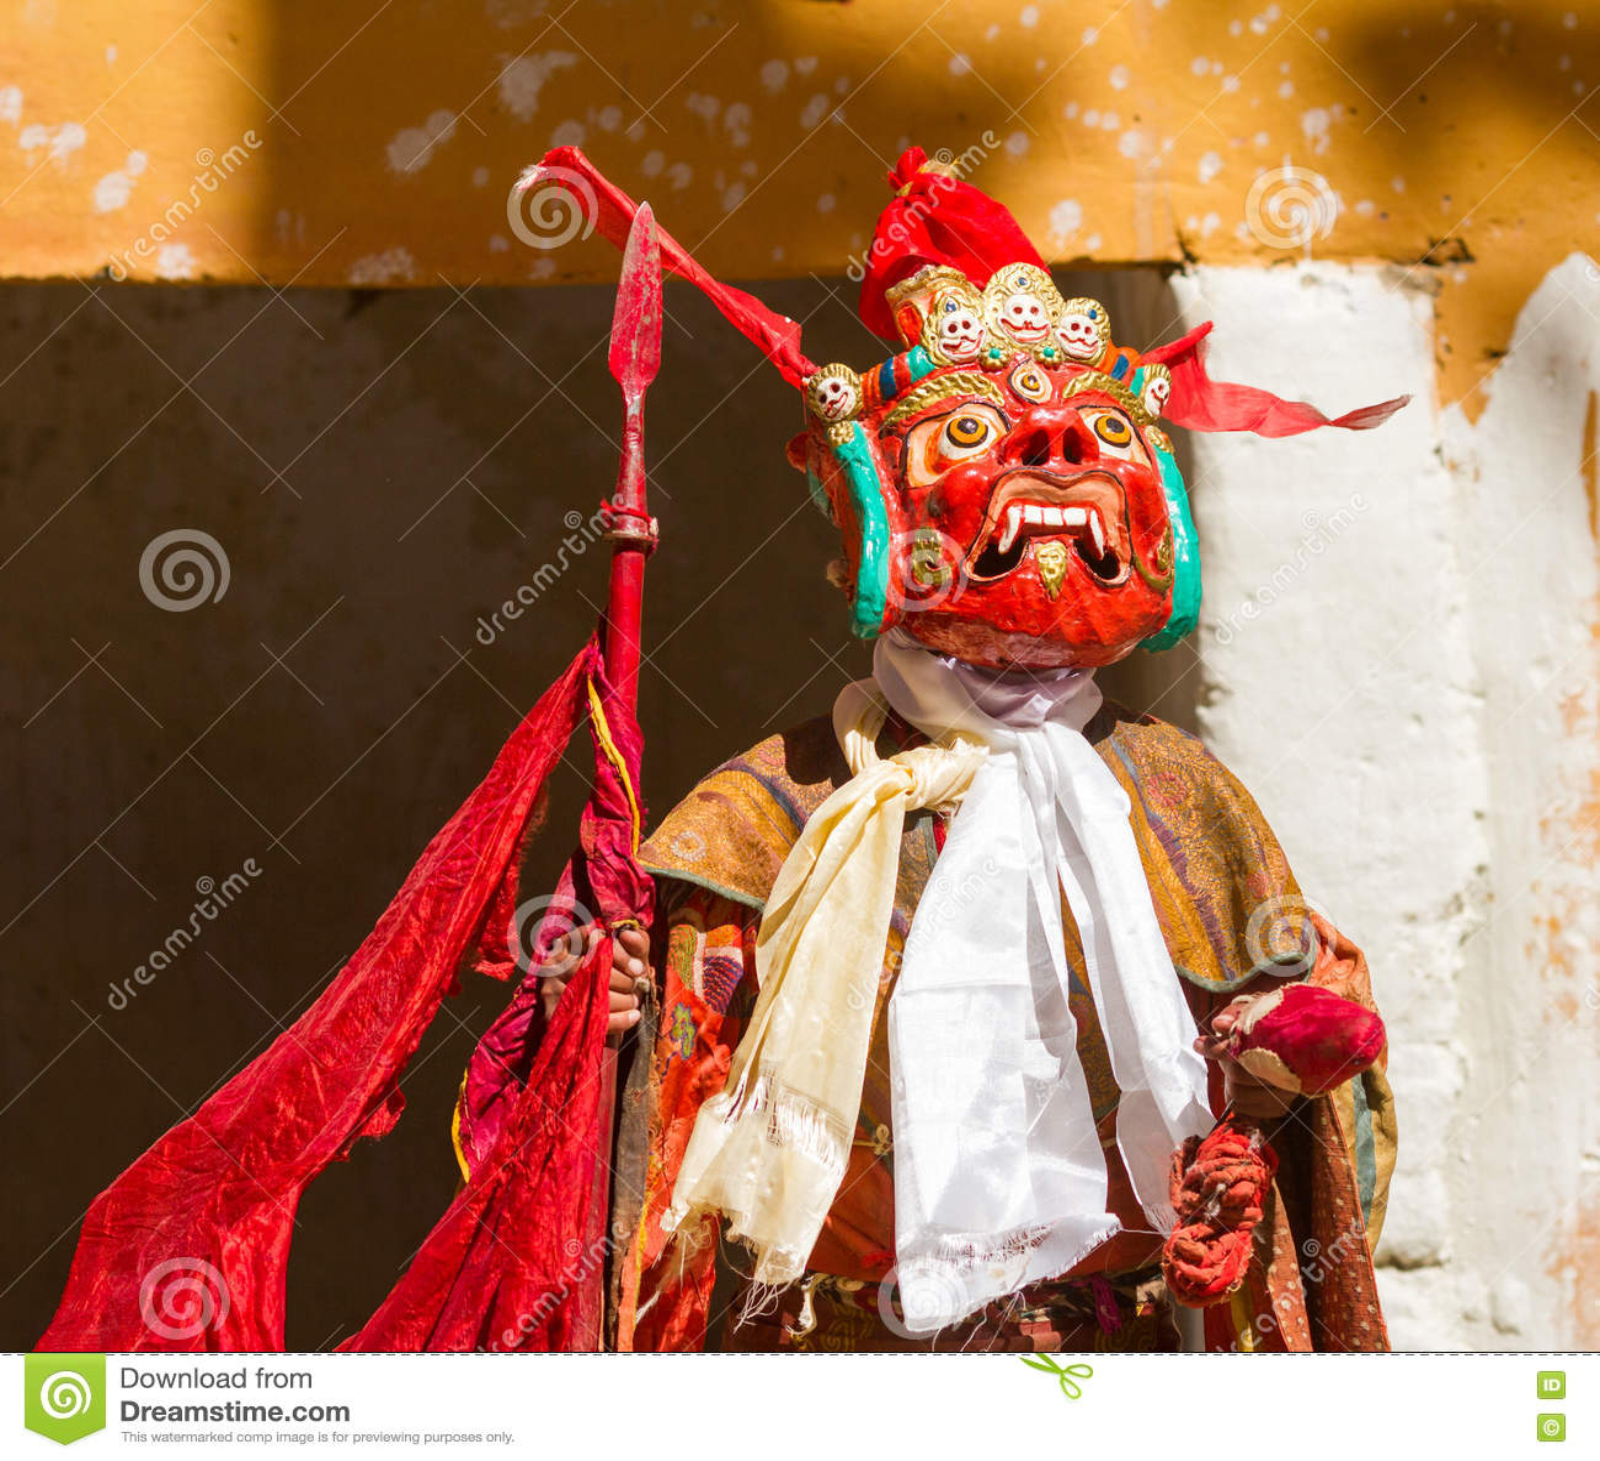 Ο μη αναγνωρισμένος μοναχός στη μάσκα με τη λόγχη εκτελεί το θρησκευτικό χορό μυστηρίου του θιβετιανού βουδισμού κατά τη διάρκεια